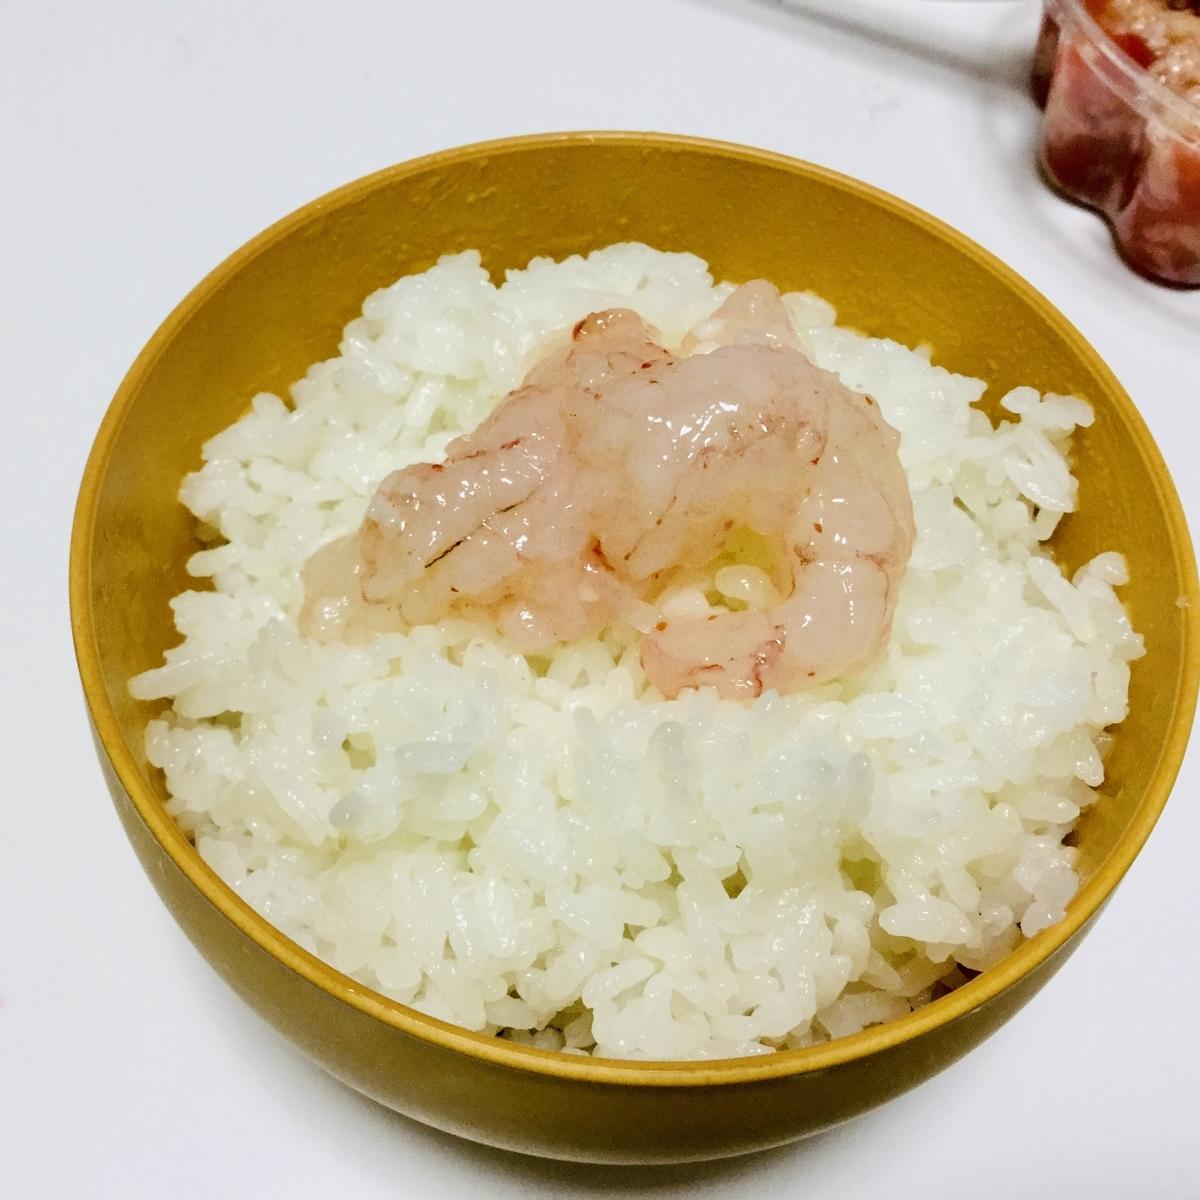 f:id:yumeusagiyukiusagi:20200112110222j:plain